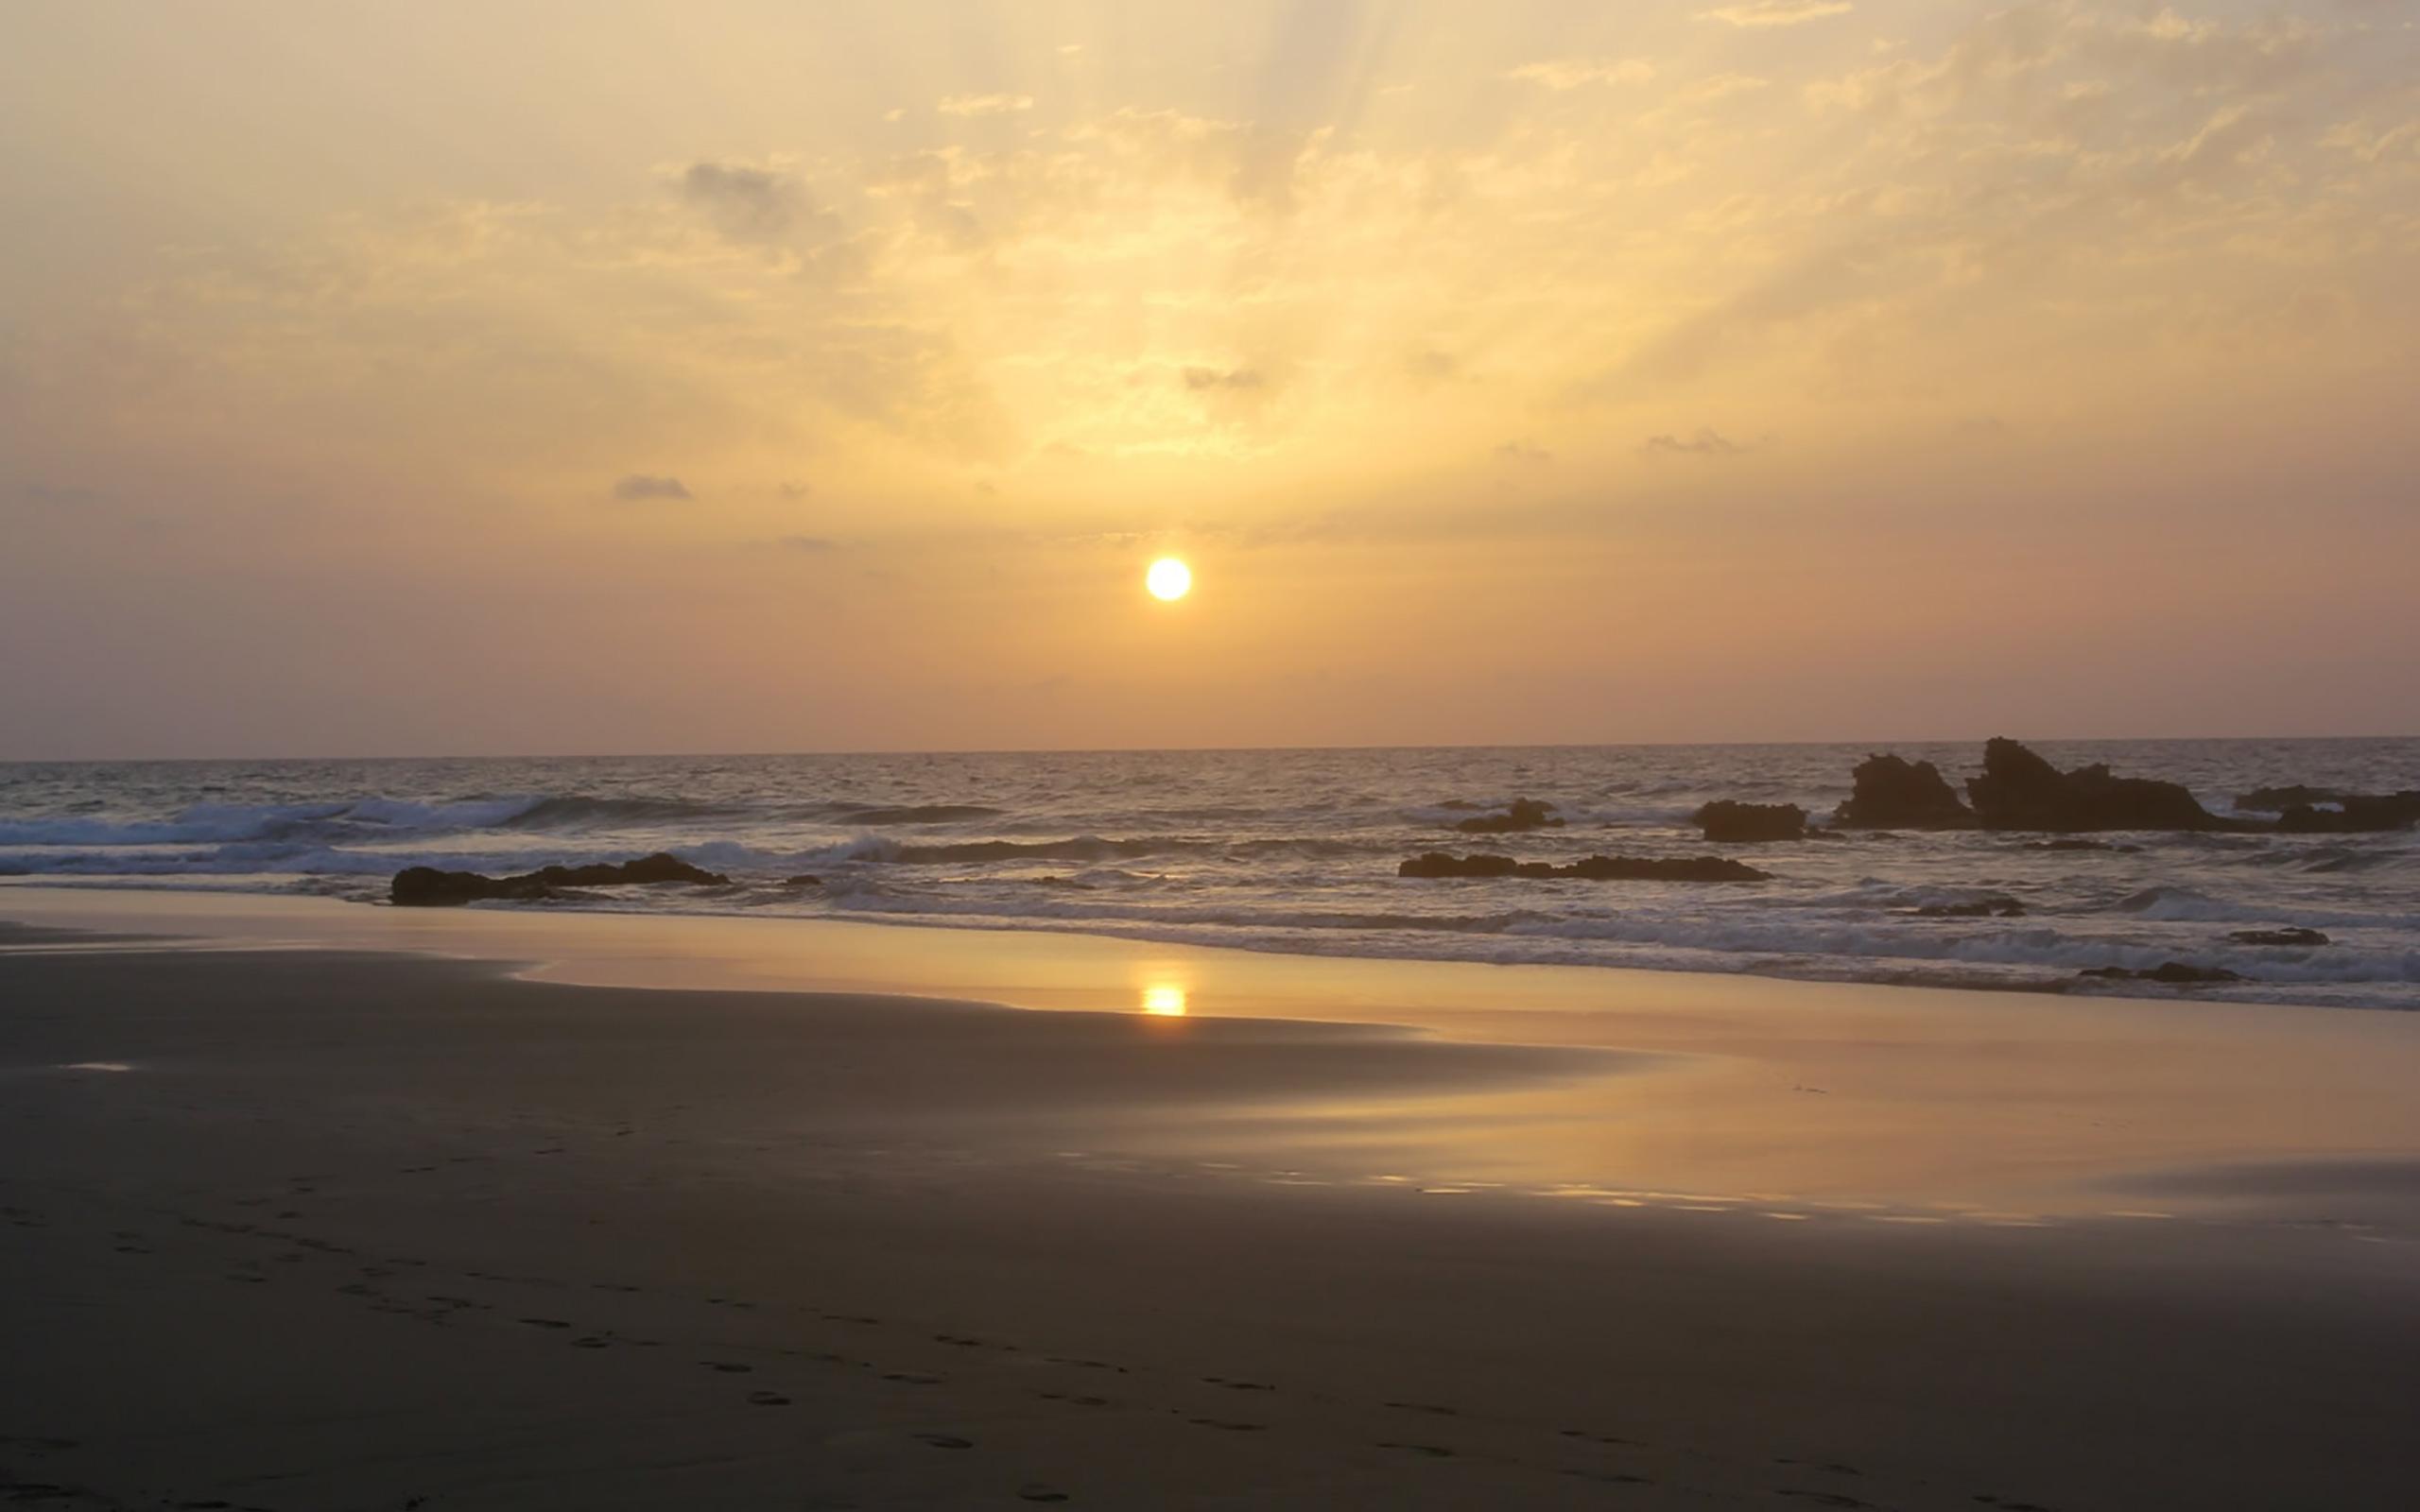 Die schönsten Sonnenuntergänge gibt es in La Pared.